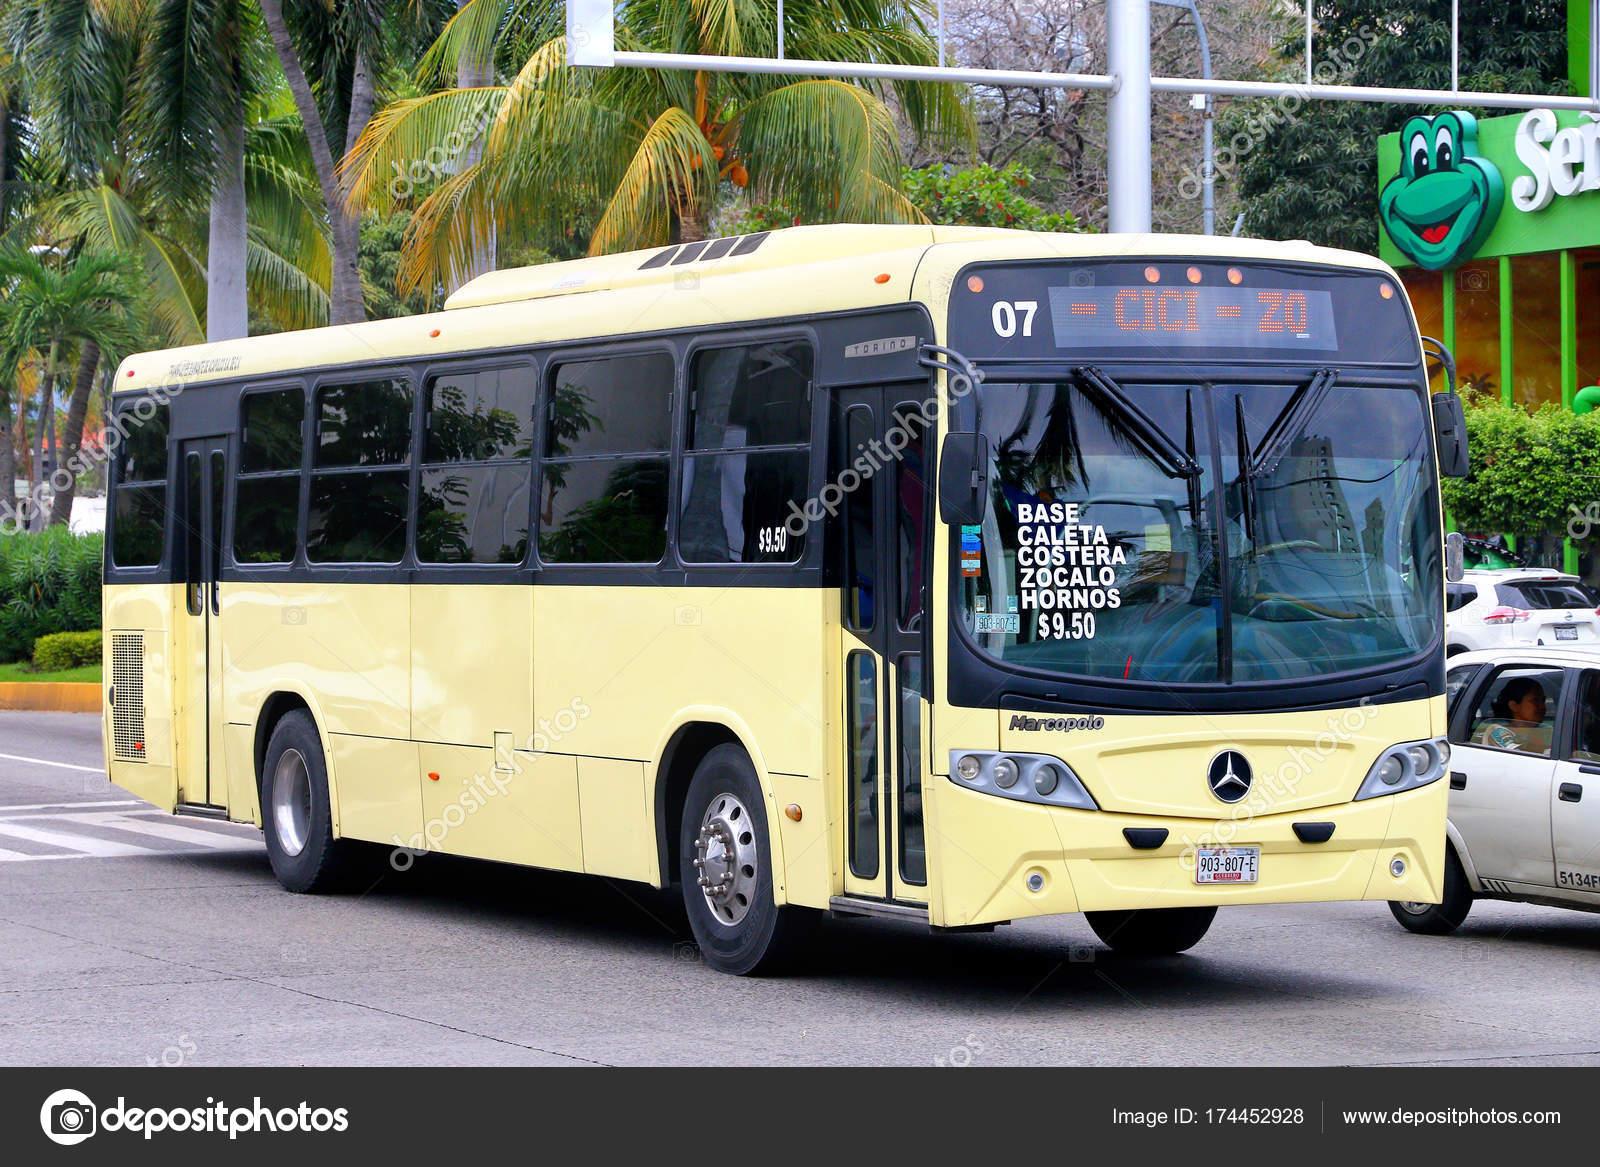 https://st3.depositphotos.com/1006624/17445/i/1600/depositphotos_174452928-stock-photo-bus-marcopolo-torino.jpg